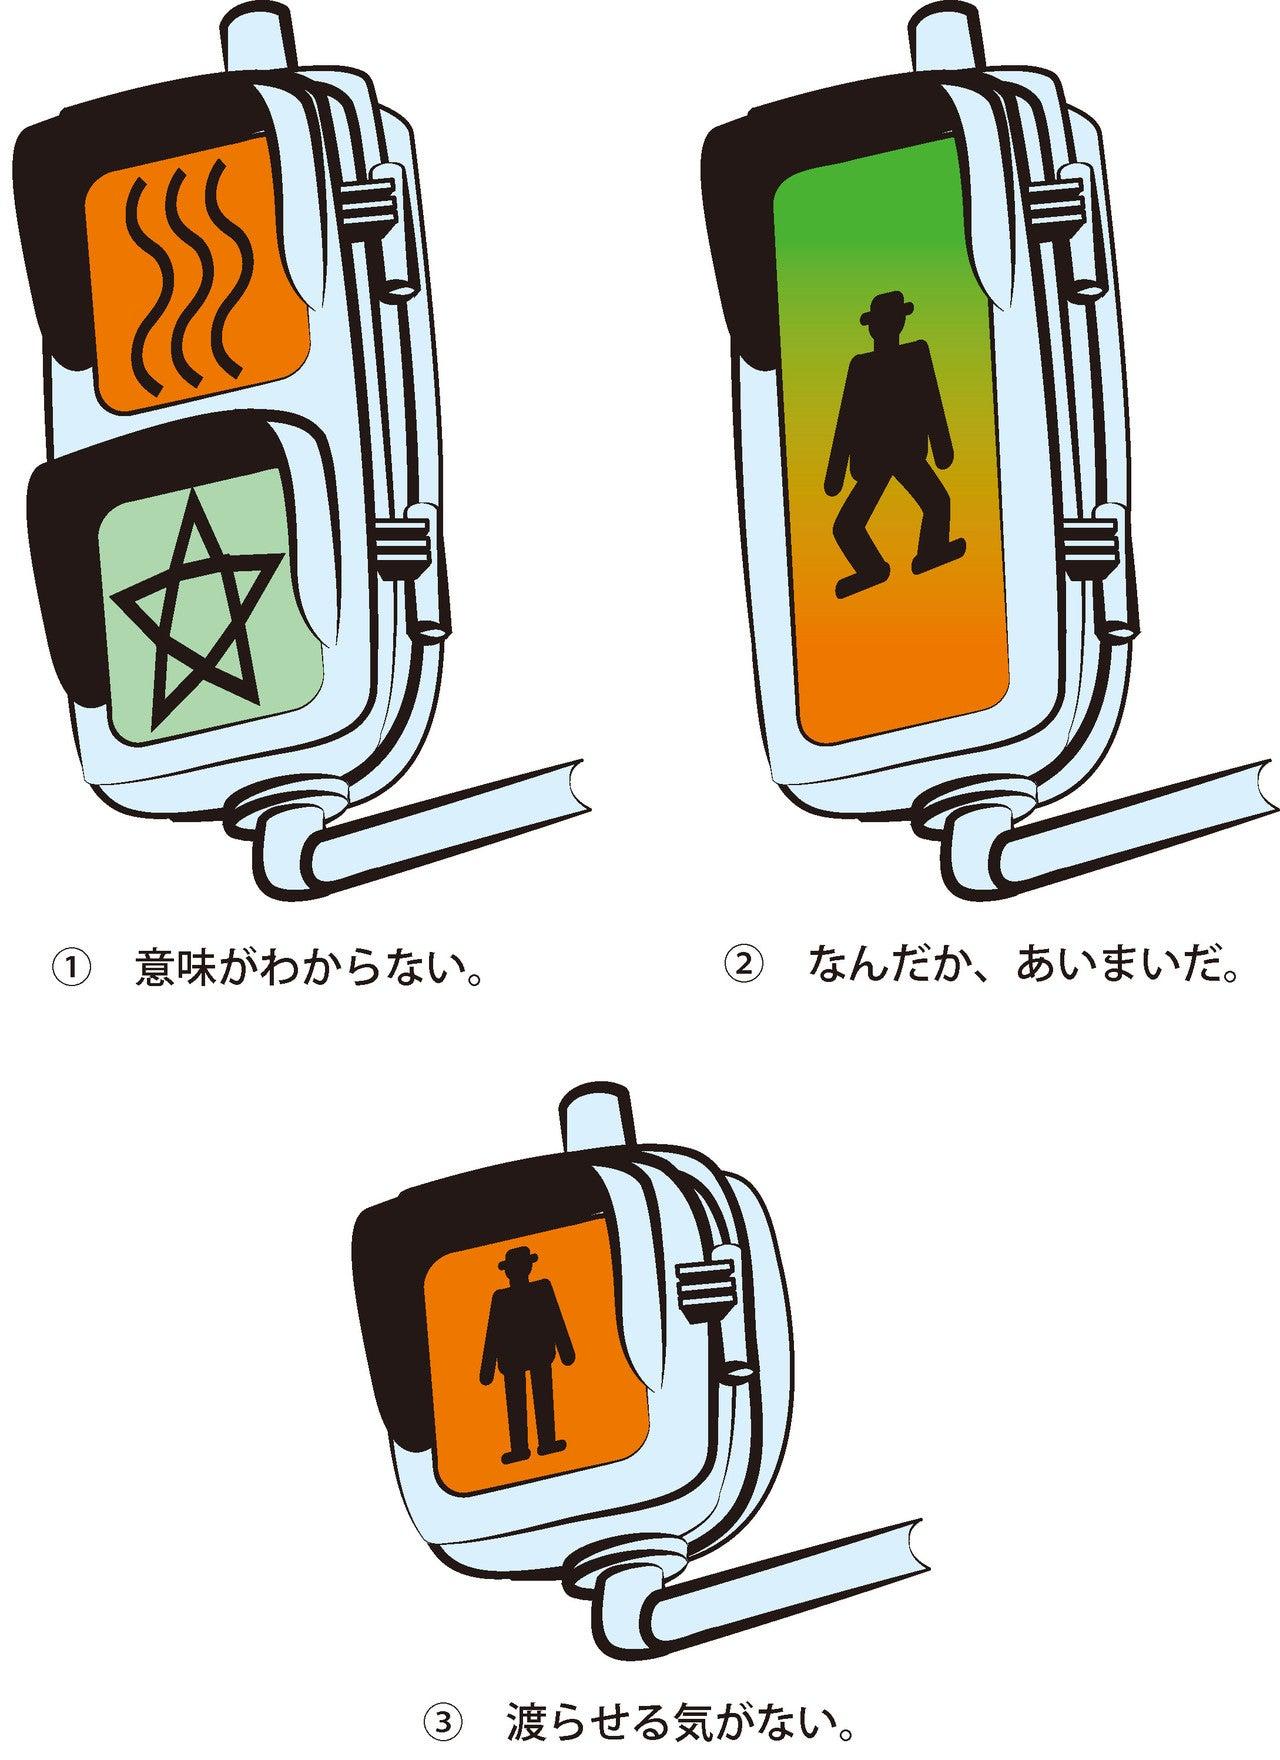 イヤな歩行者信号2